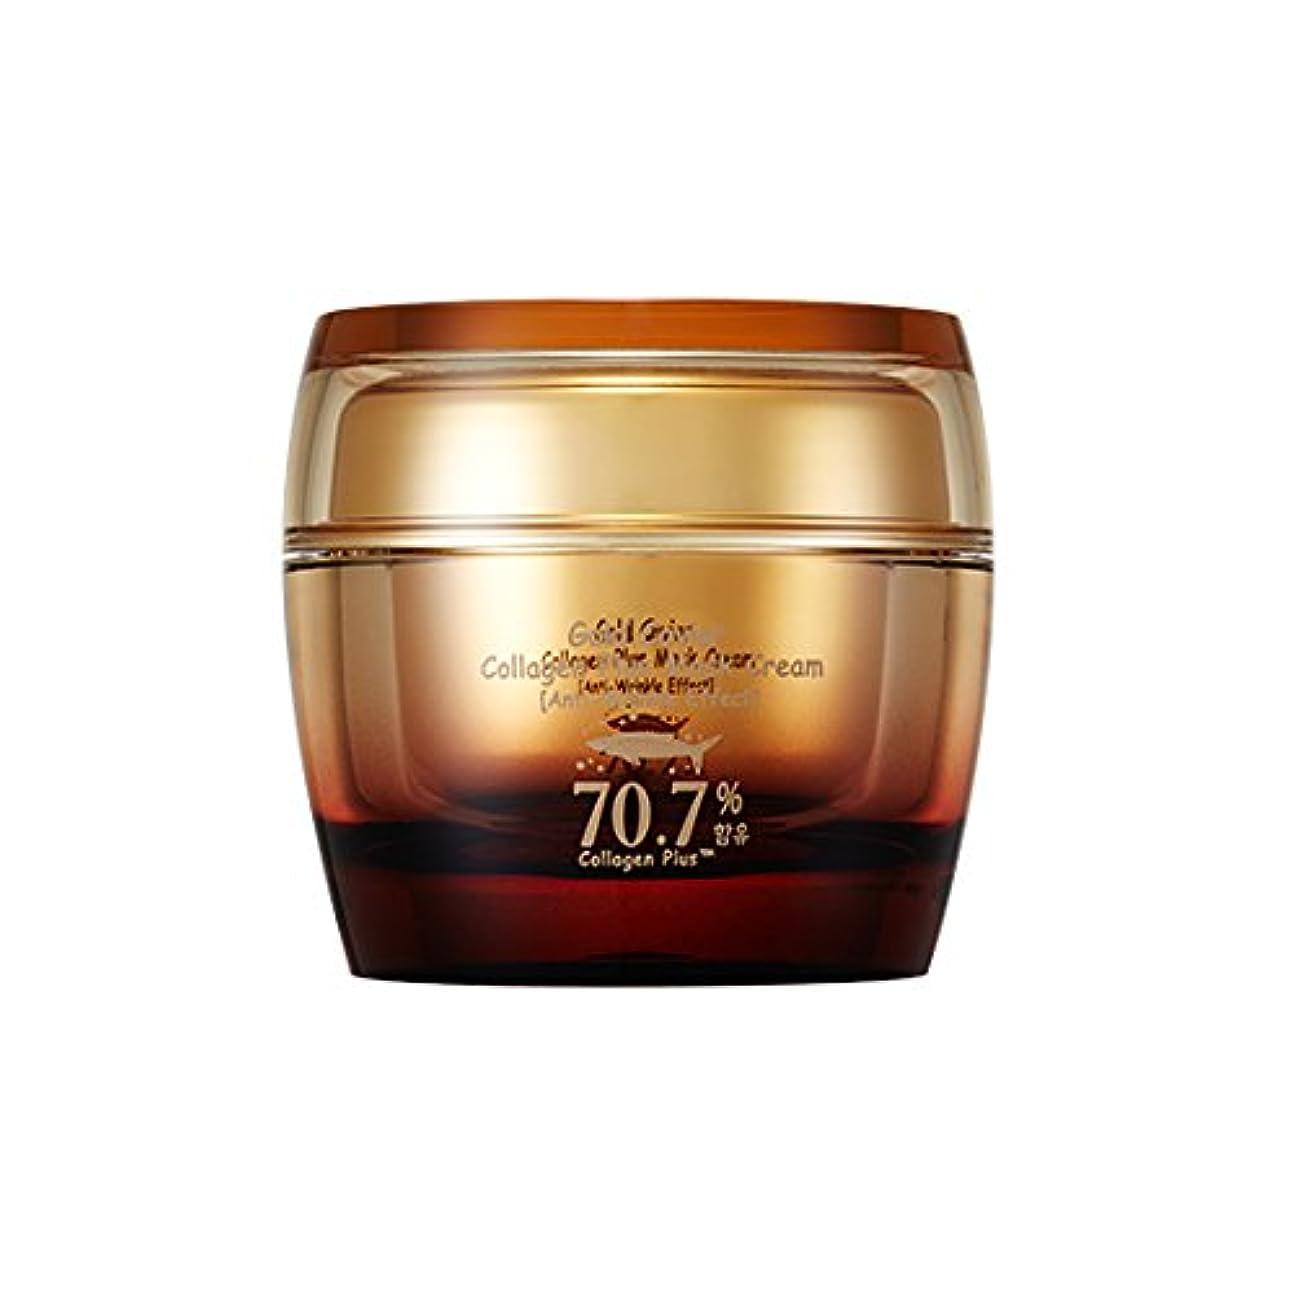 結果として目立つ成功するSkinfood ゴールドキャビアコラーゲンプラスクリーム(しわ防止効果) / Gold Caviar Collagen Plus Cream (Anti-Wrinkle Effect) 50g [並行輸入品]